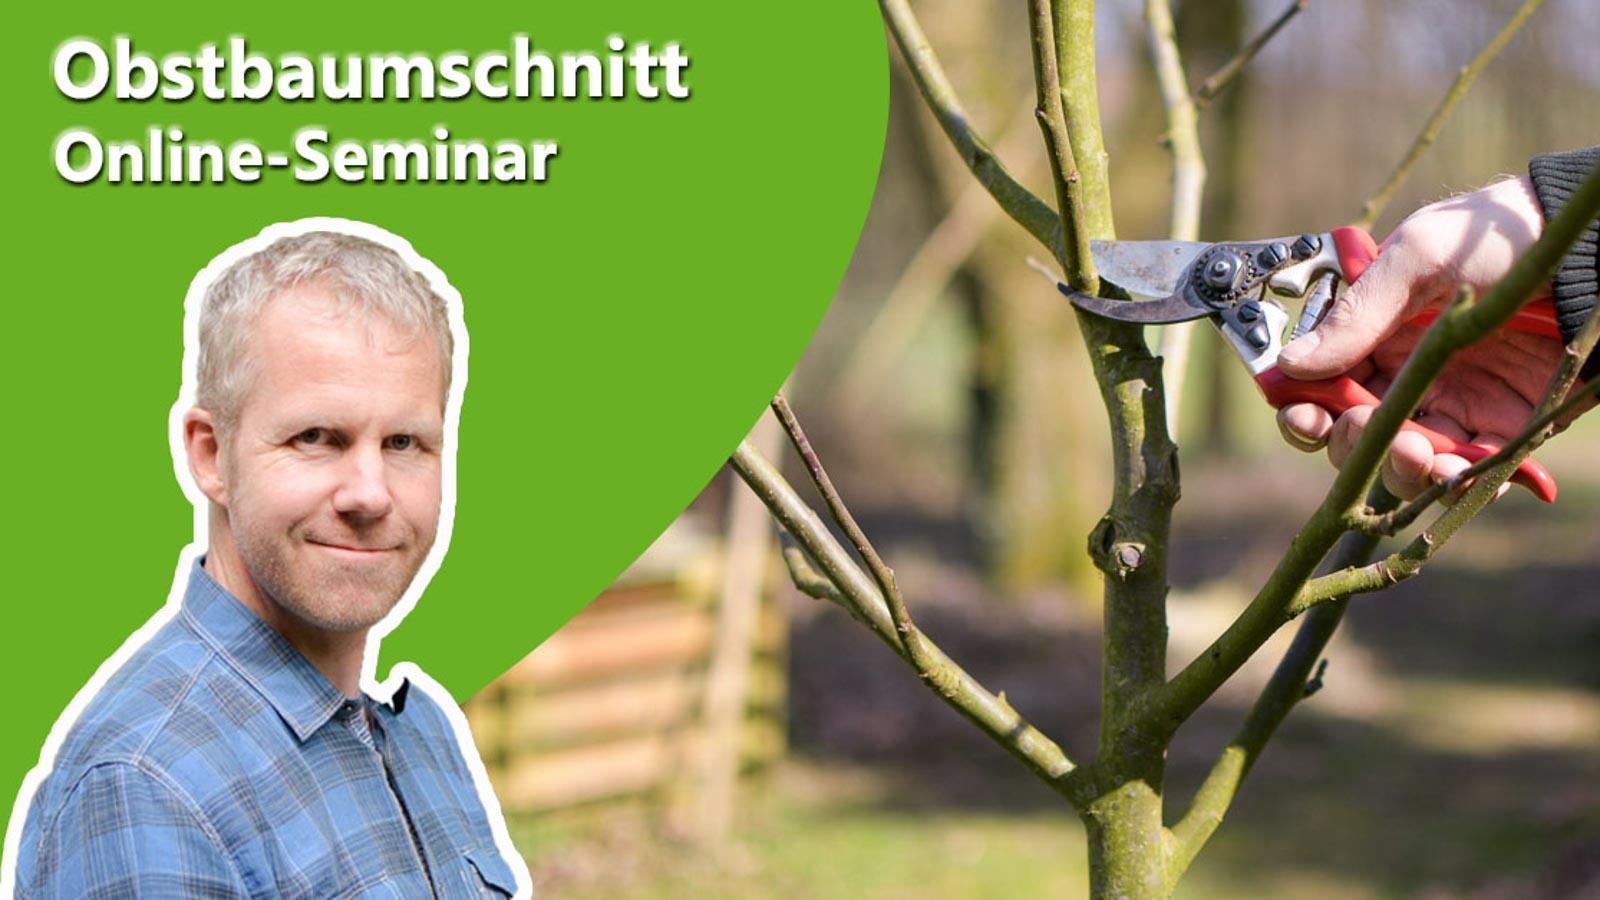 Philippe Dahlmann auf Bild mit Obstbaum und Schere zur Ankündigung des Online-Seminars Obstbaumschnitt.